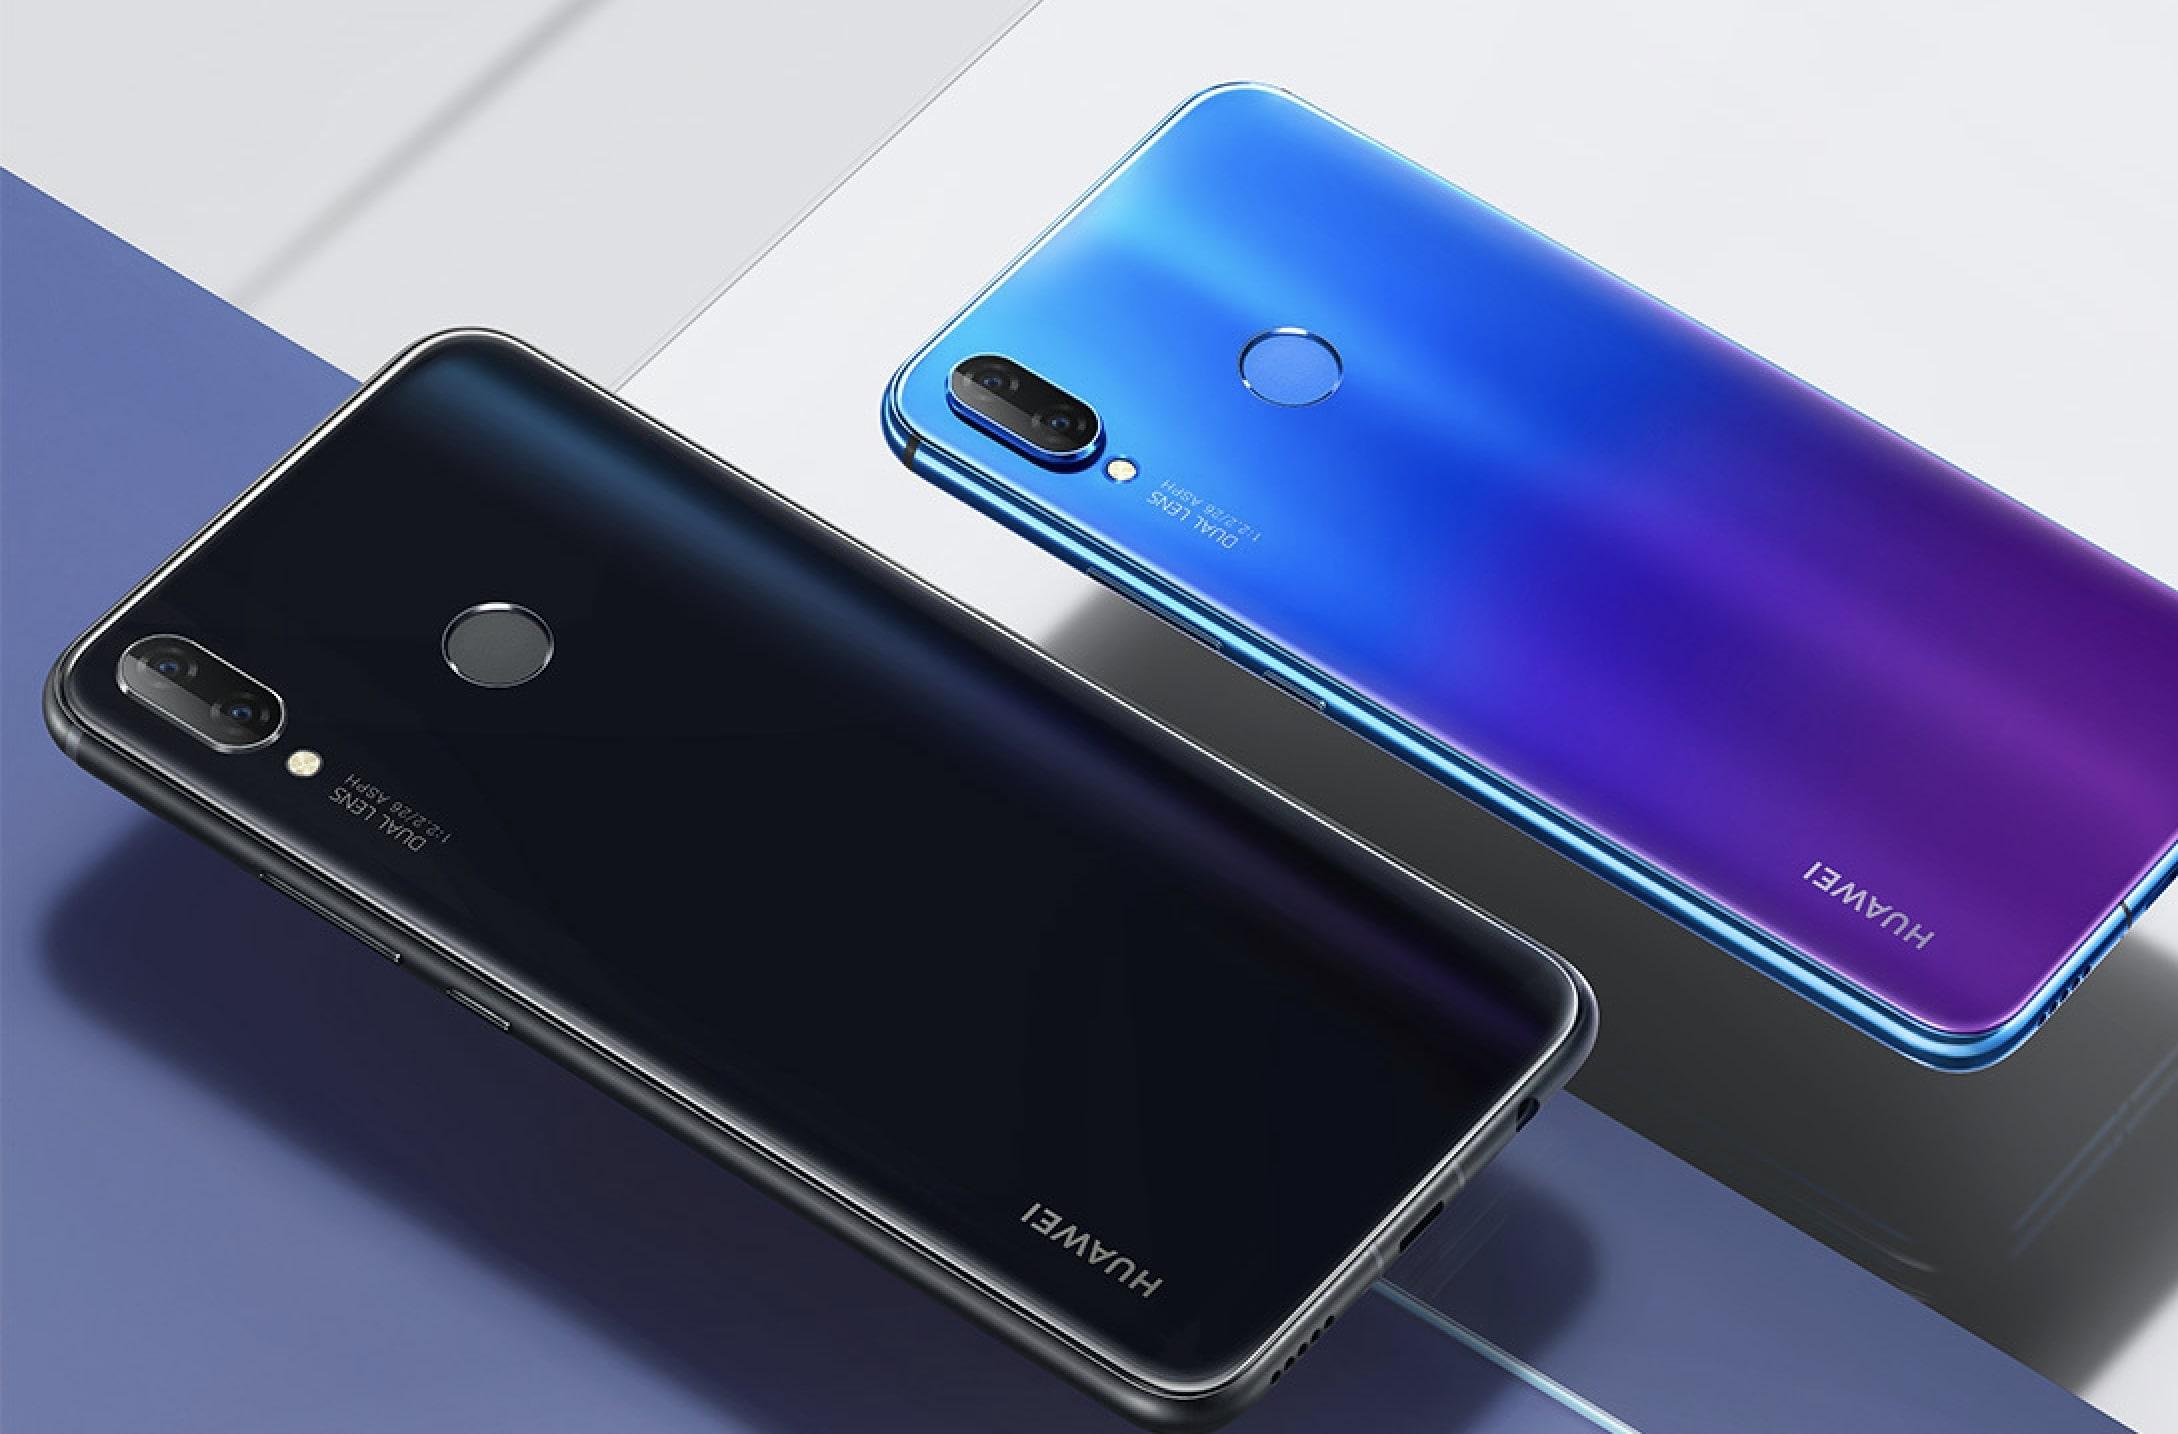 Смартфон Huawei nova 3i с двумя двойными камерами выходит в России